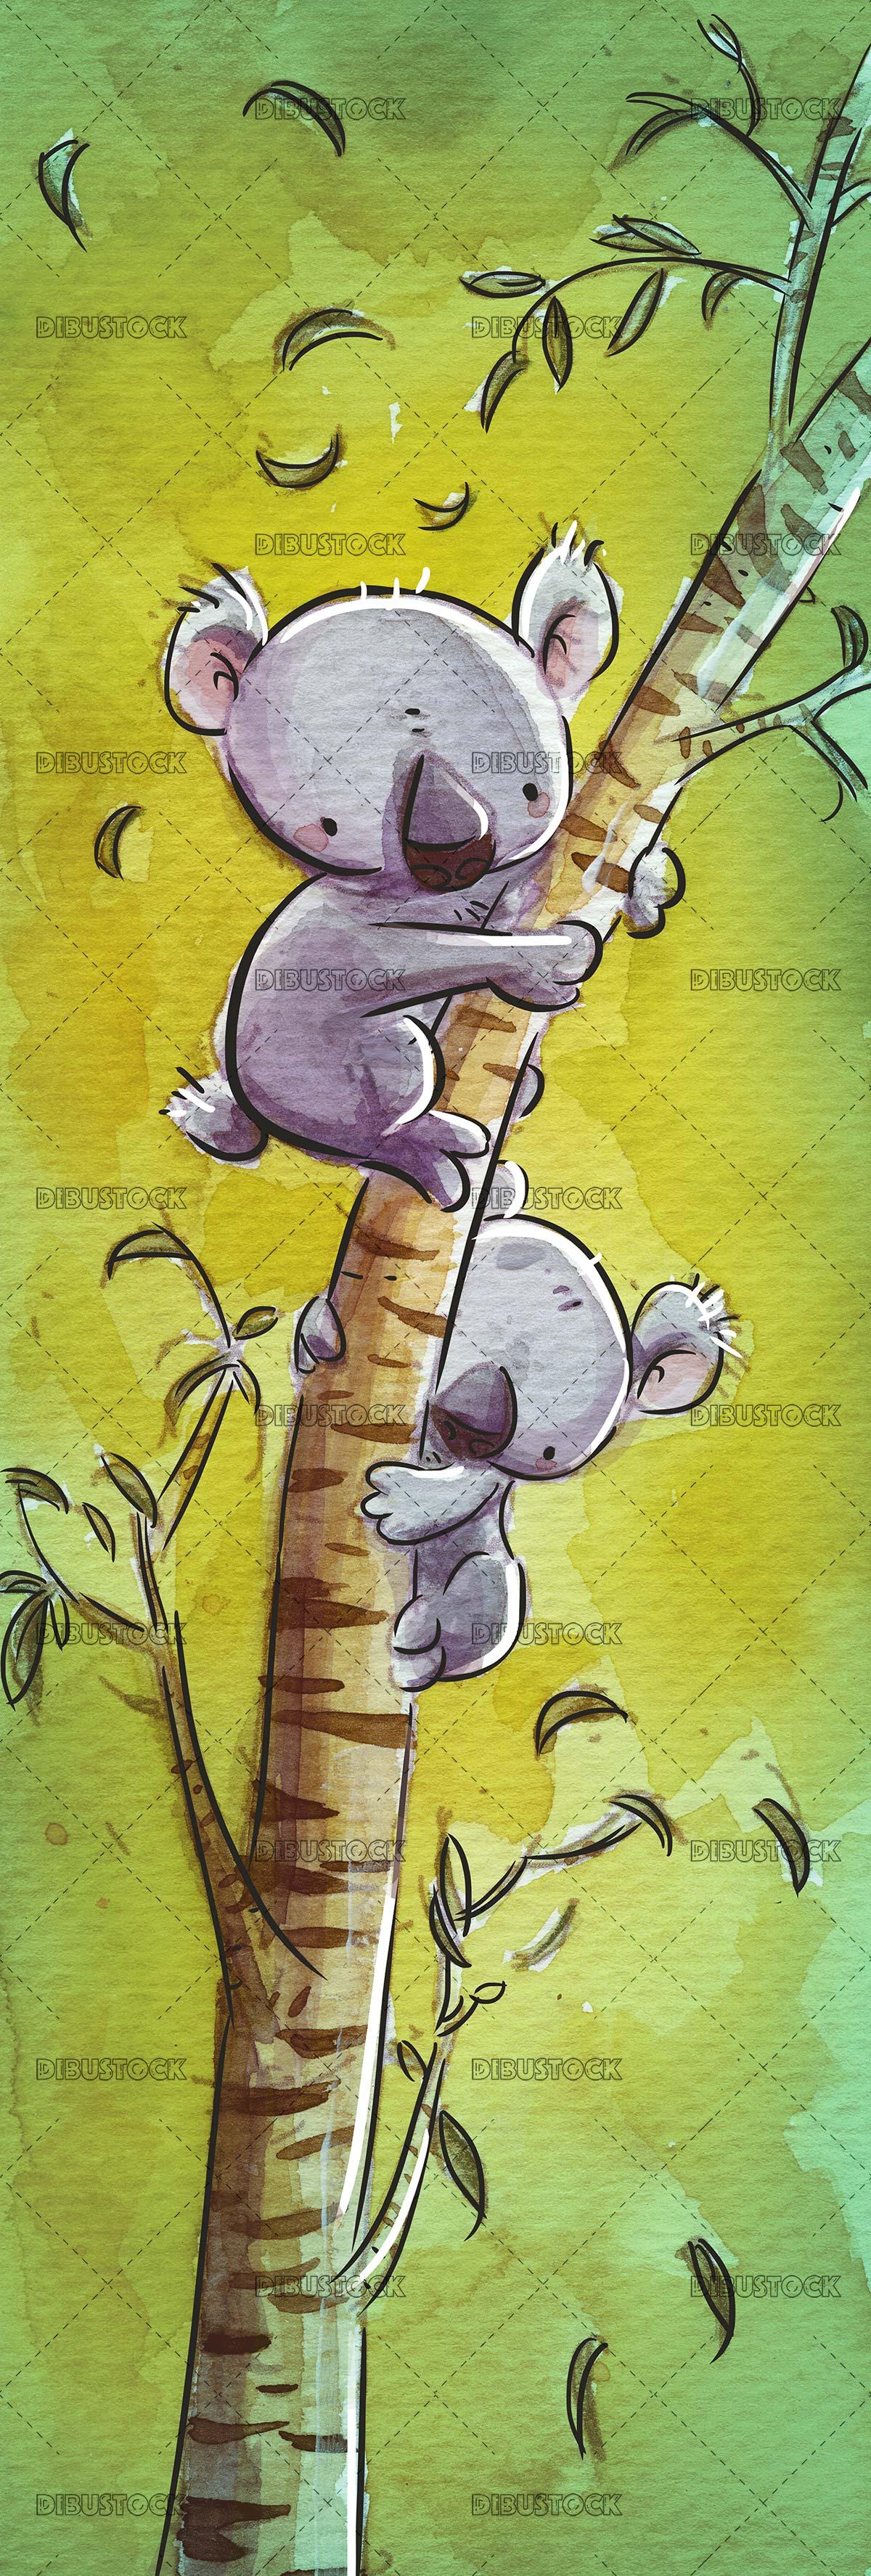 dos koalas subidos a un árbol con fondo verde